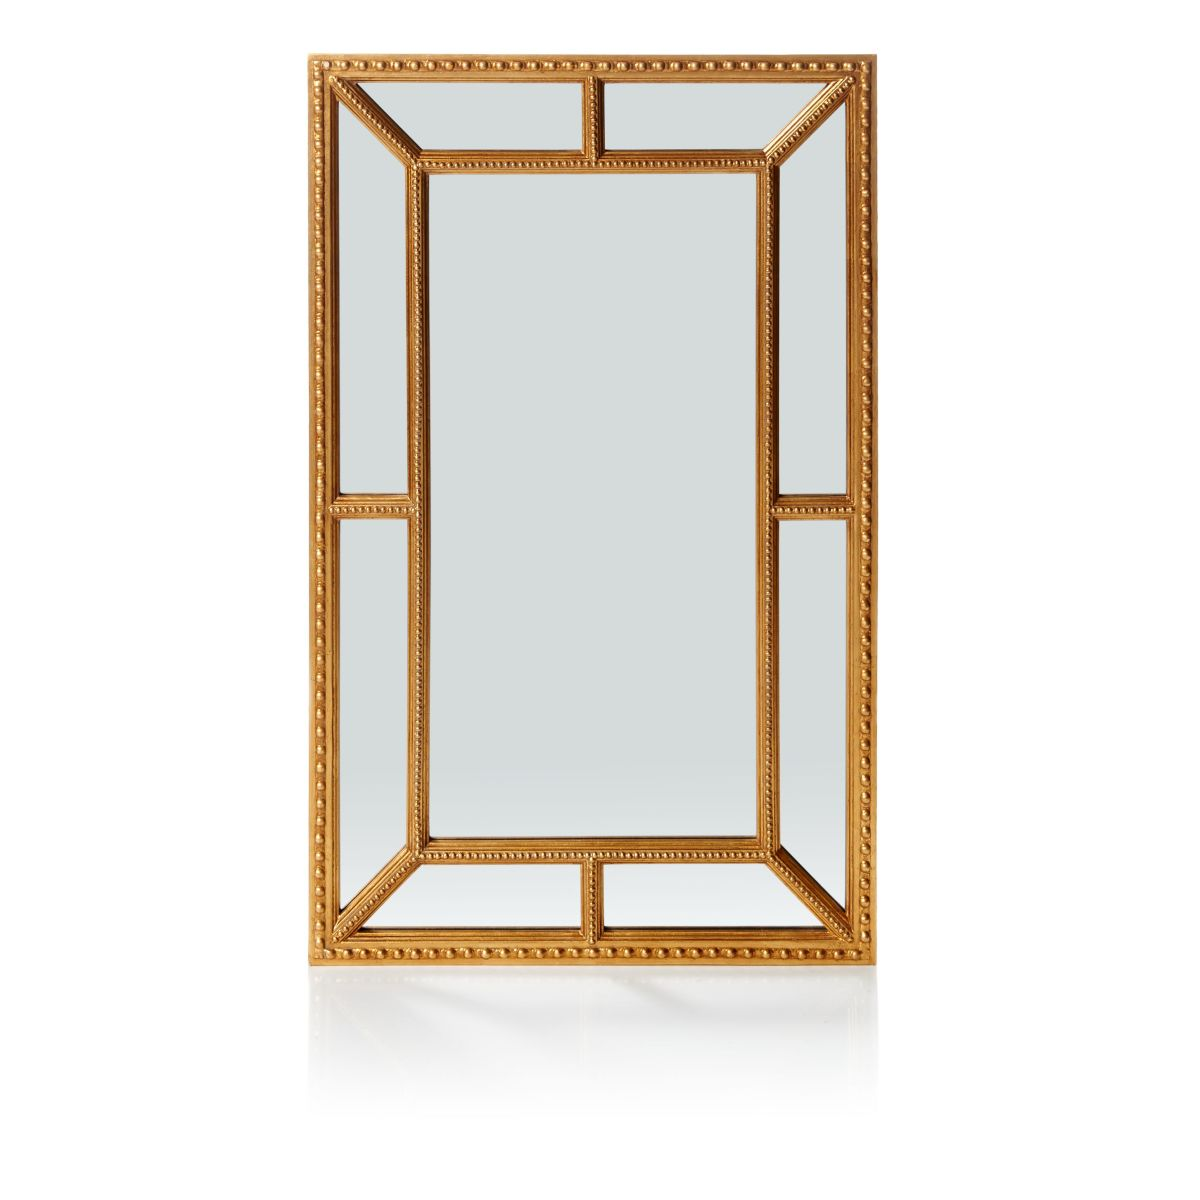 produkte aus spiegel impressionen meine wunschliste. Black Bedroom Furniture Sets. Home Design Ideas